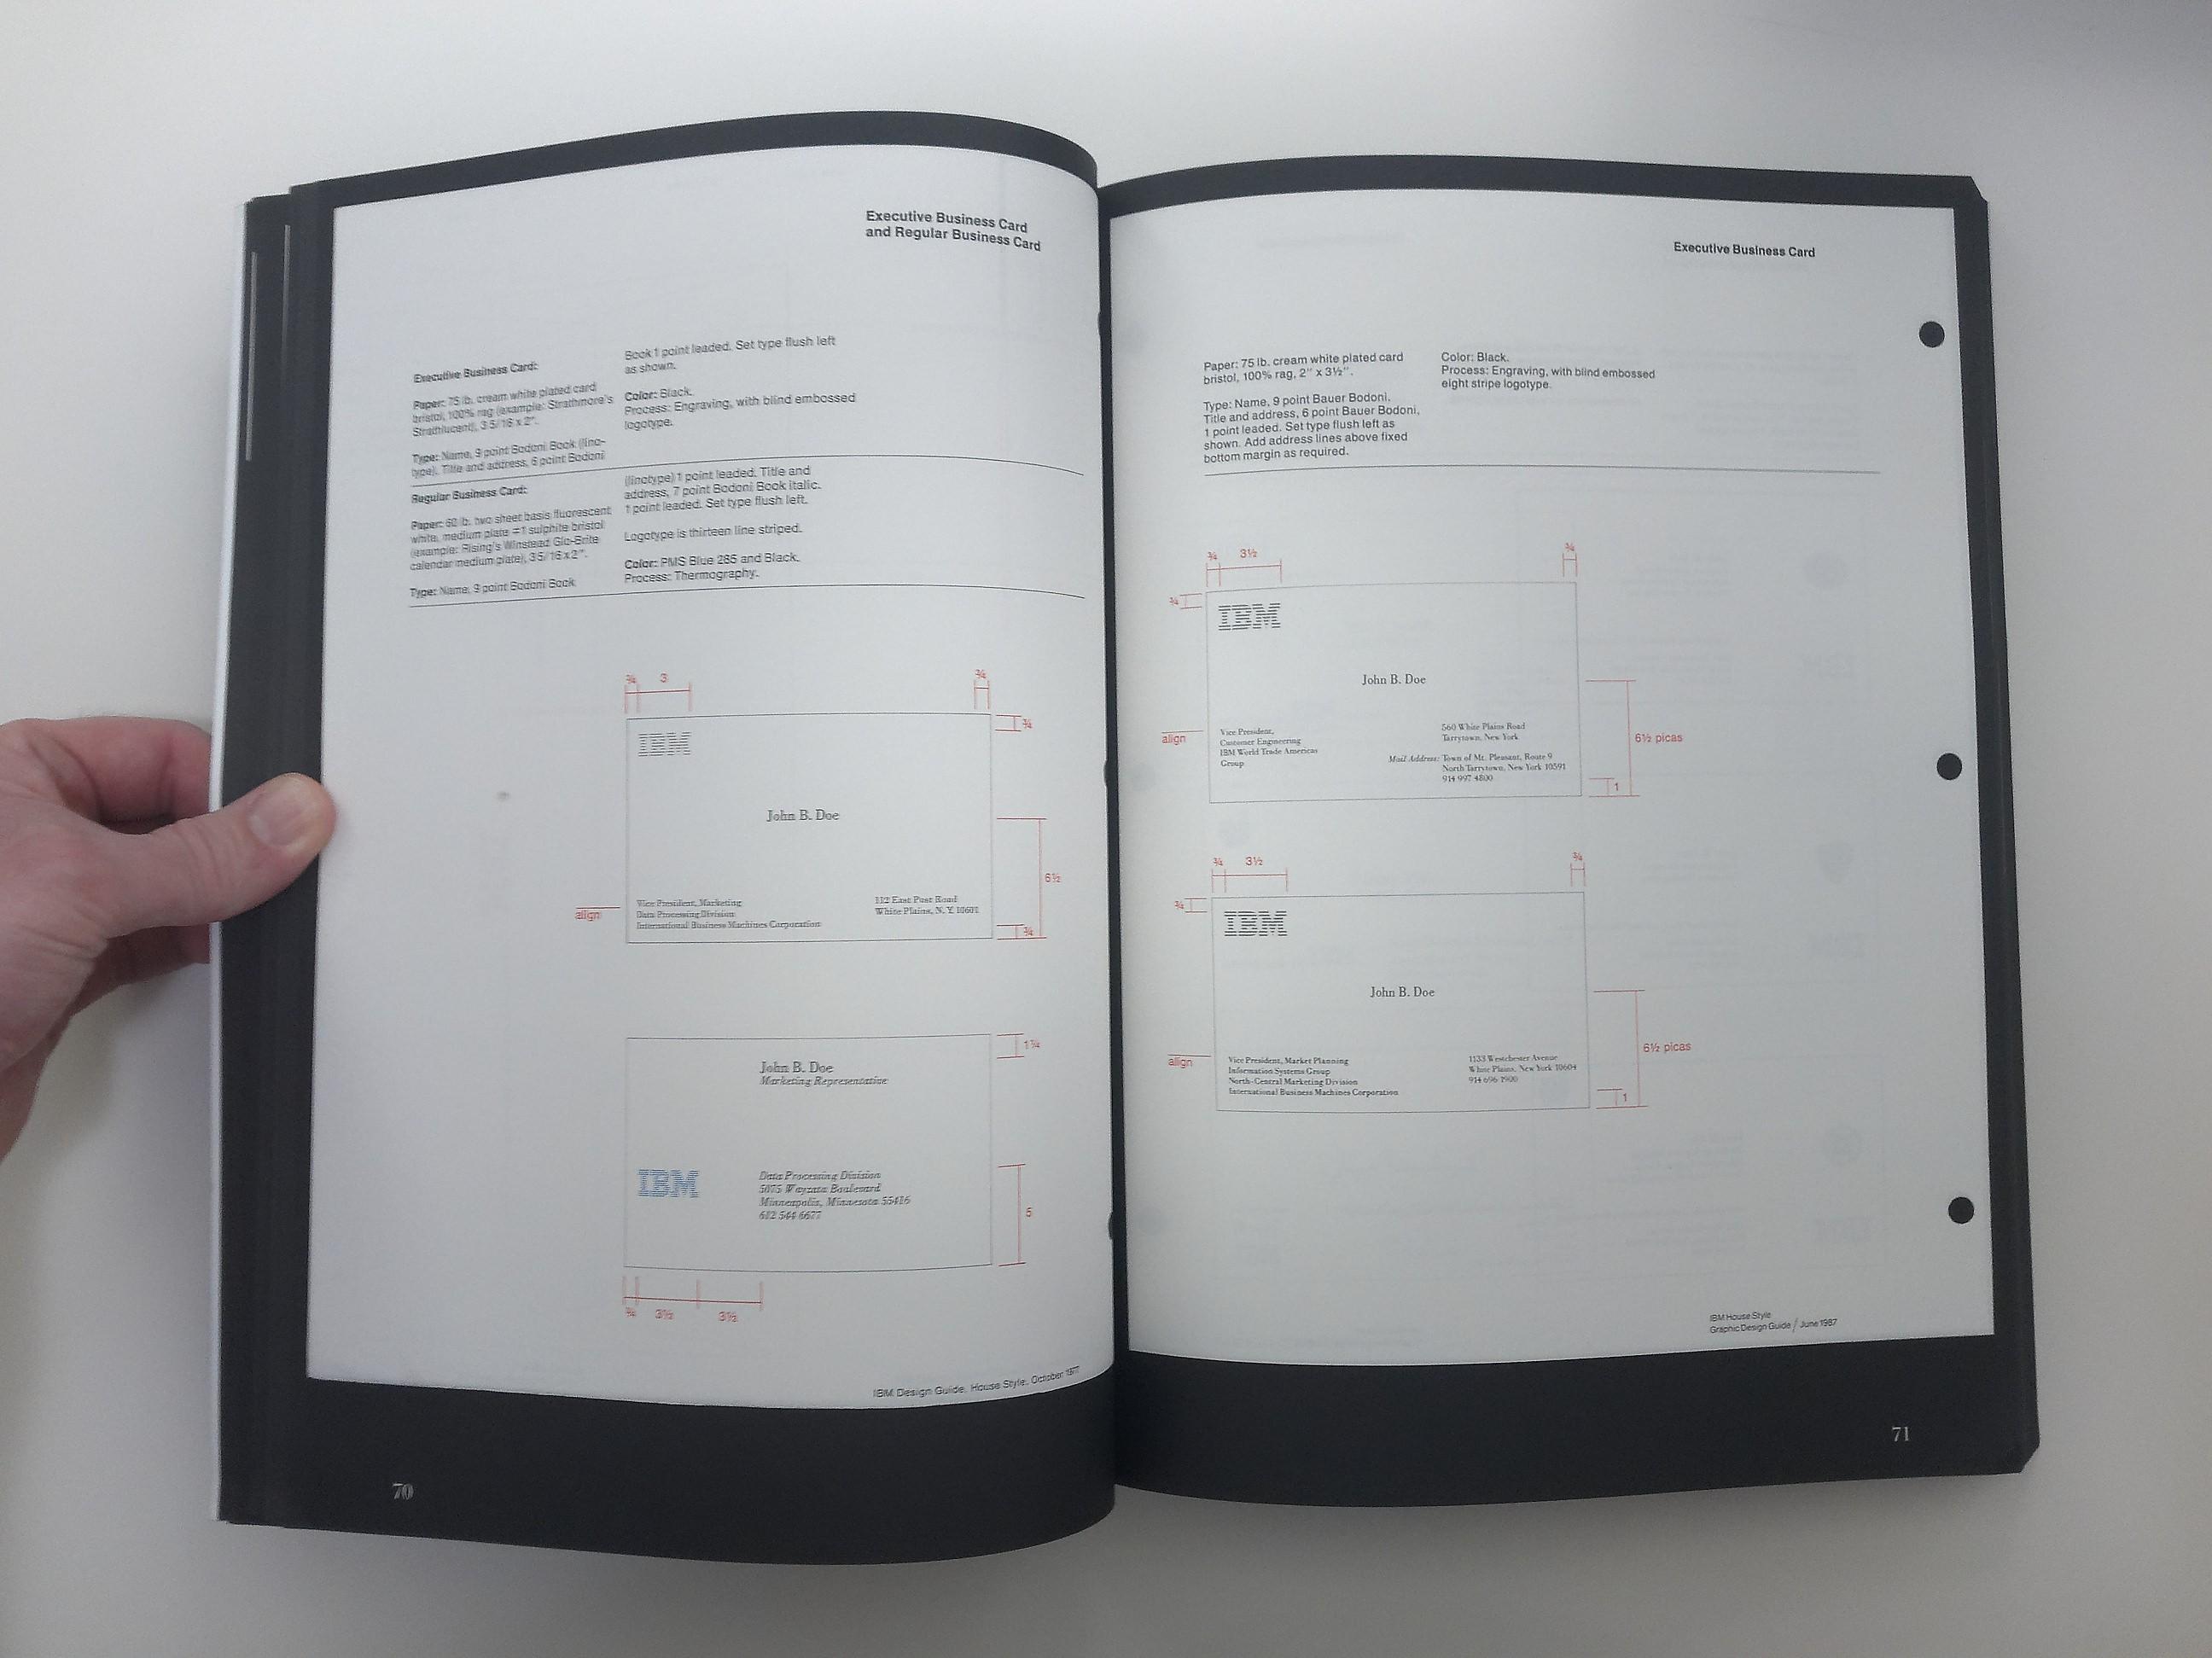 Calendario 2019 Portugal Download Biz Actual Ugl2320a19 Manual